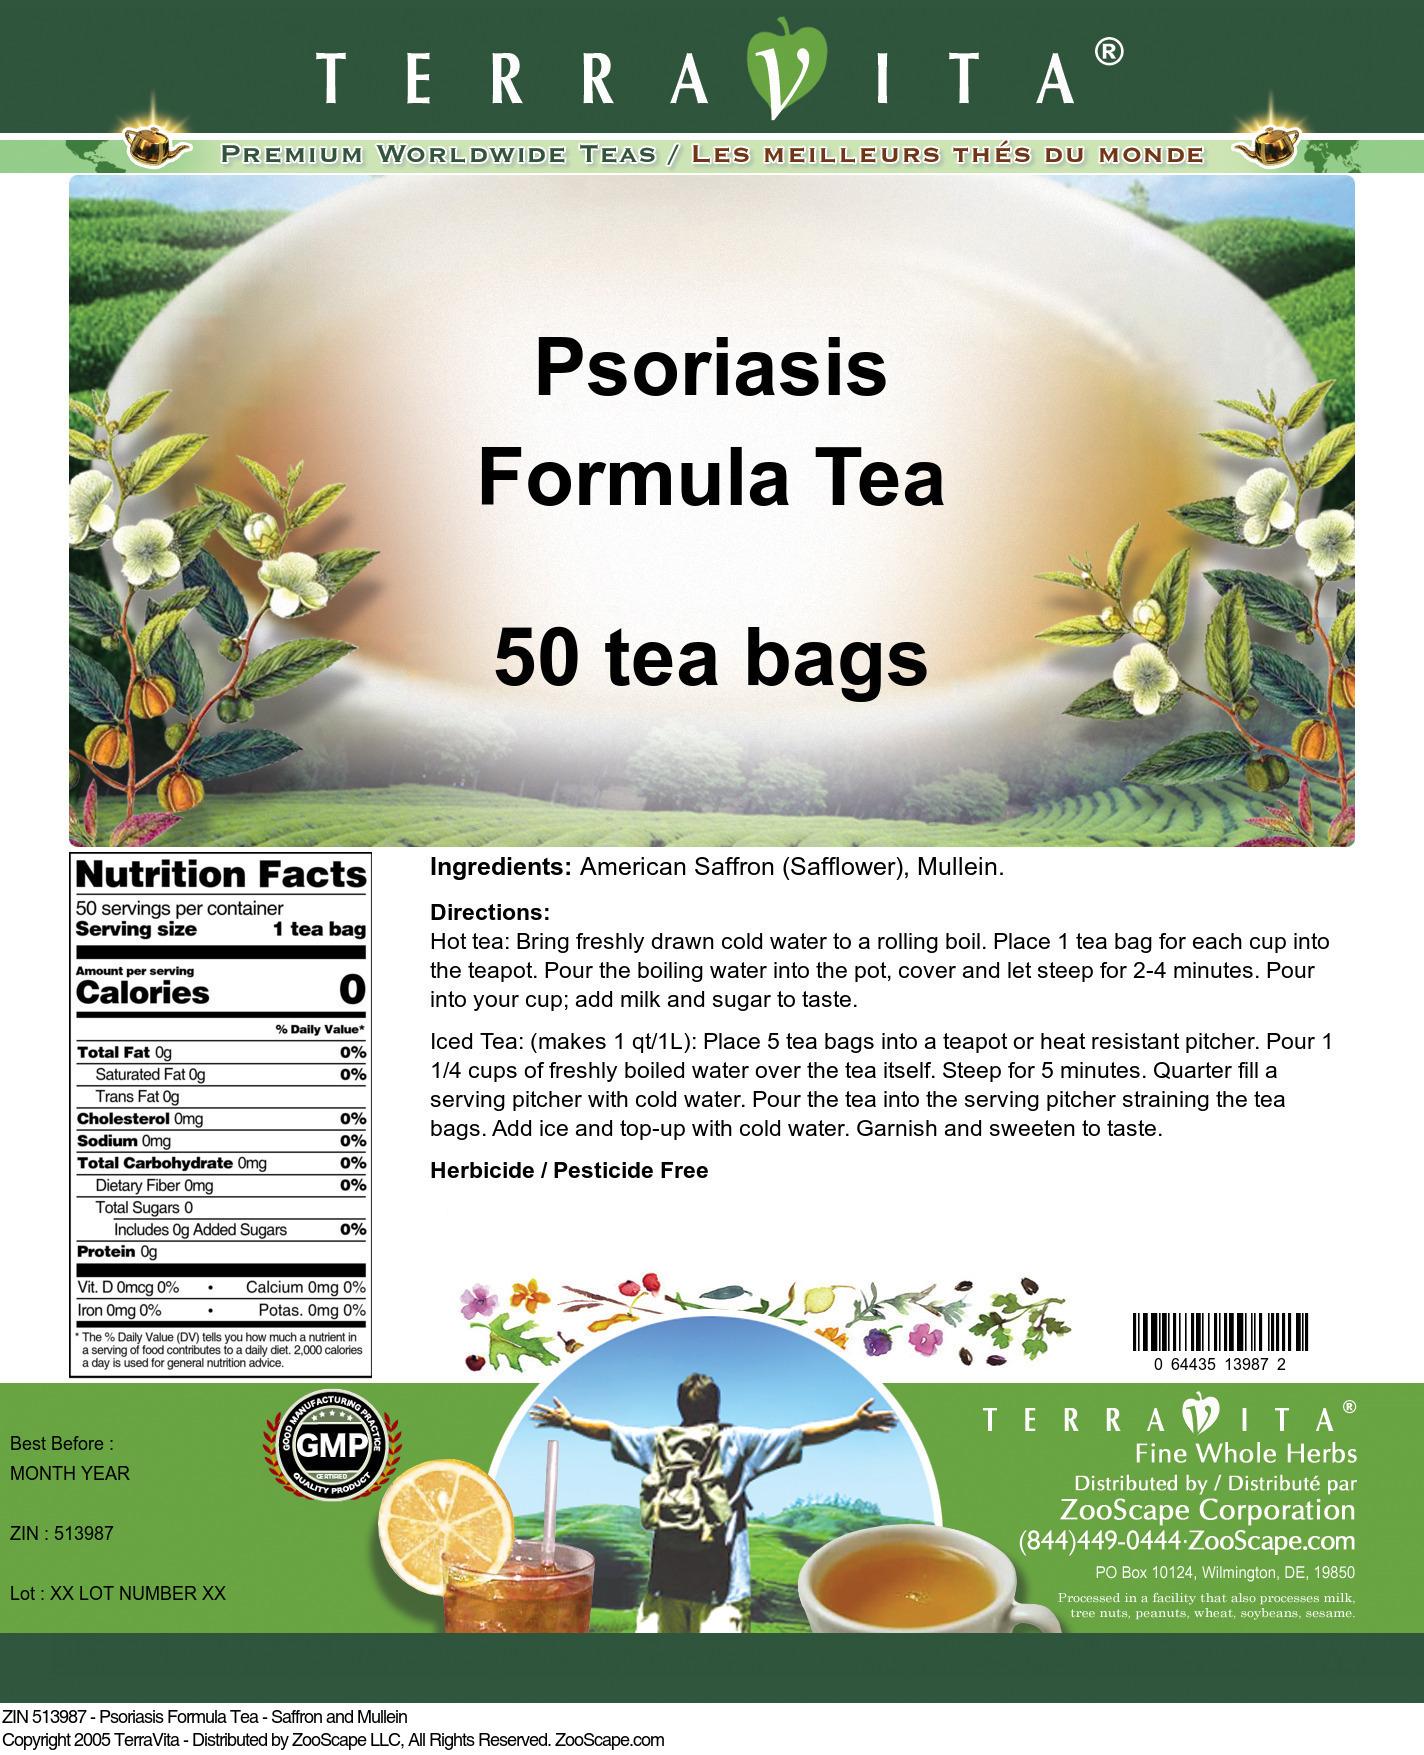 Psoriasis Formula